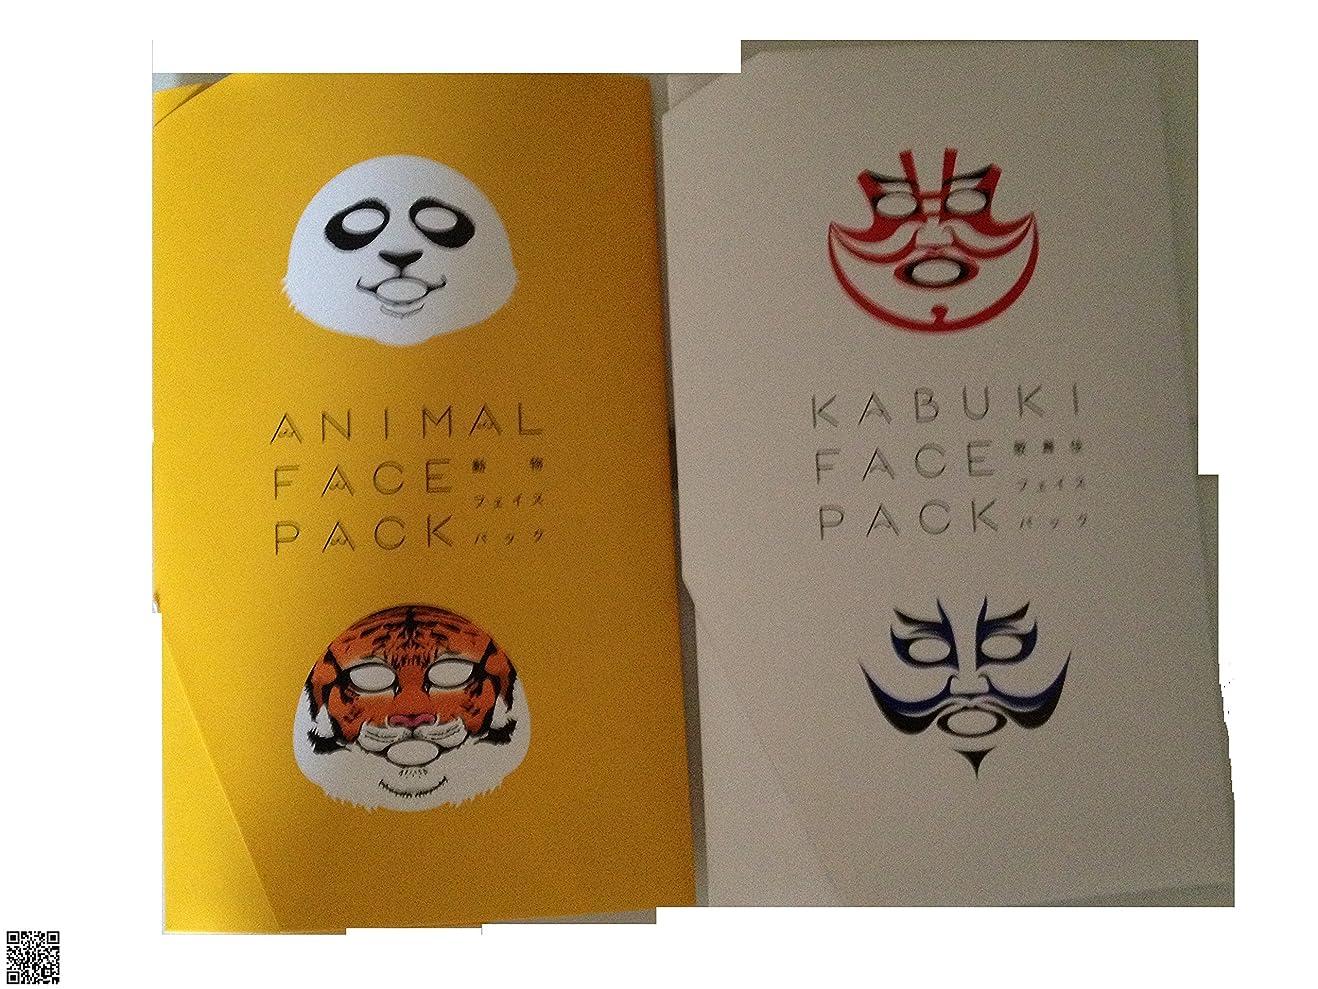 中世のミット比較的歌舞伎フェイスパック&動物フェイスパック KABUKI FACE PACK&ANIMAL FACE PACK